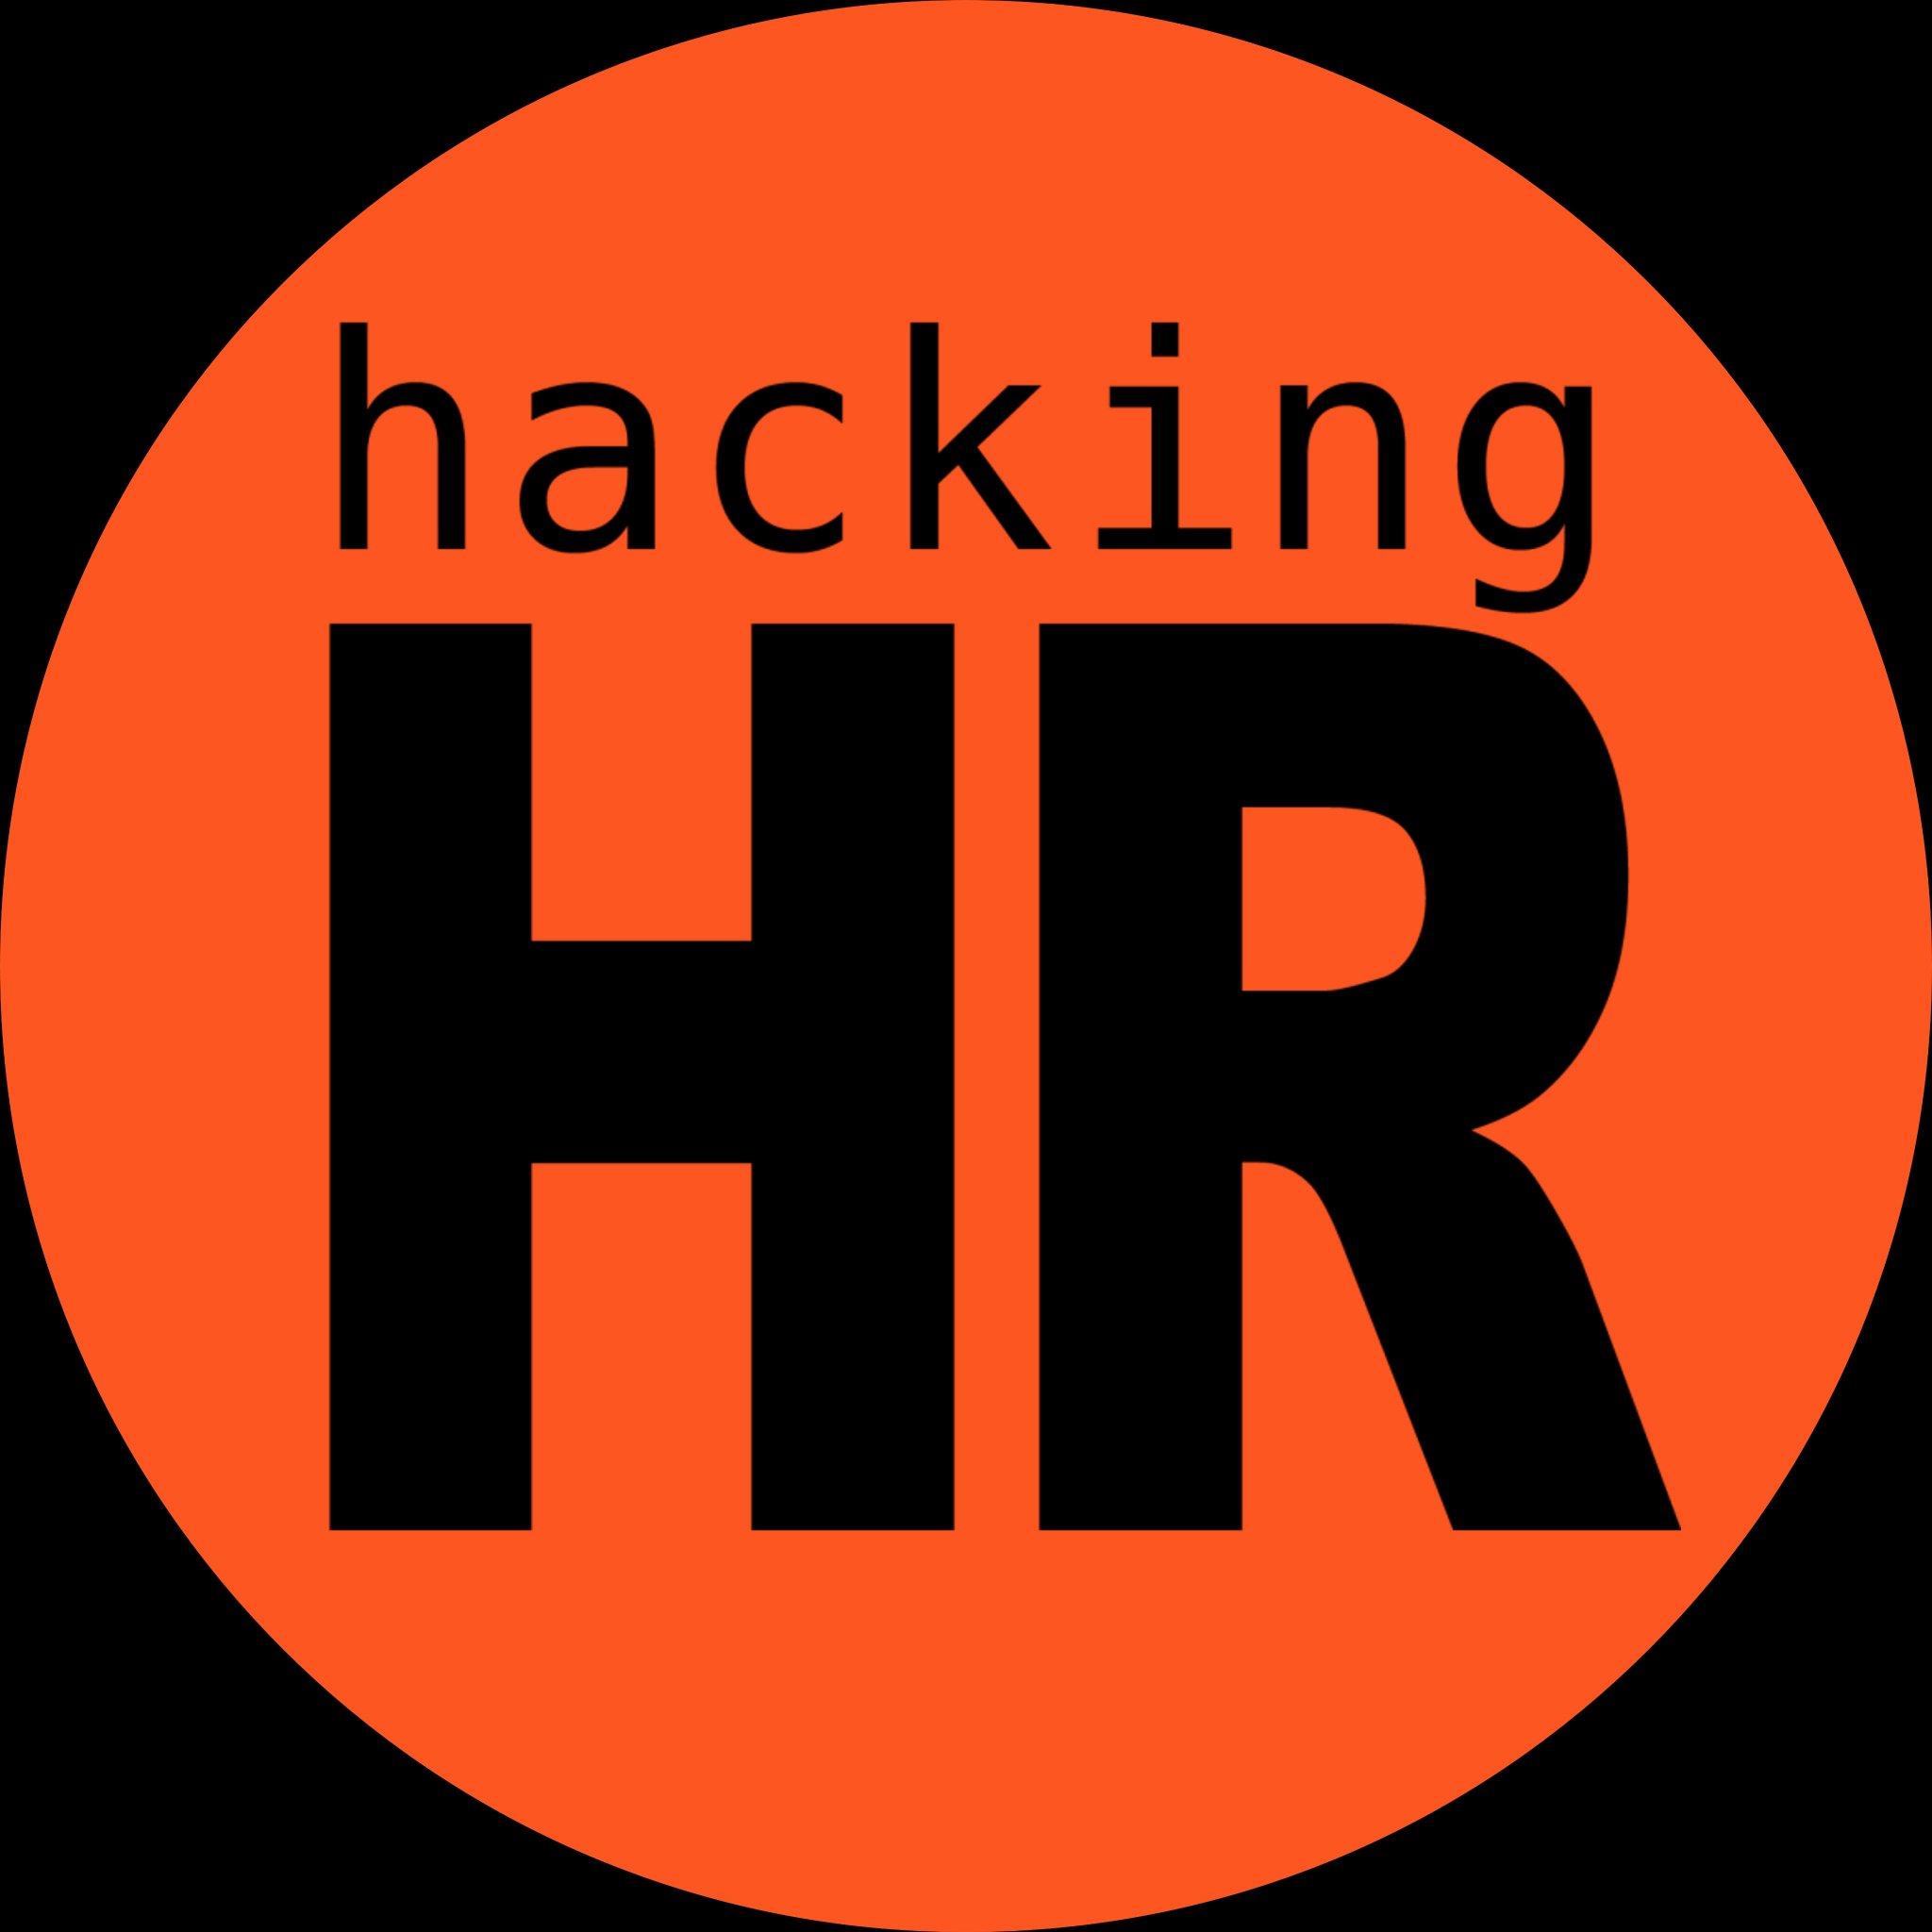 Hacking HR